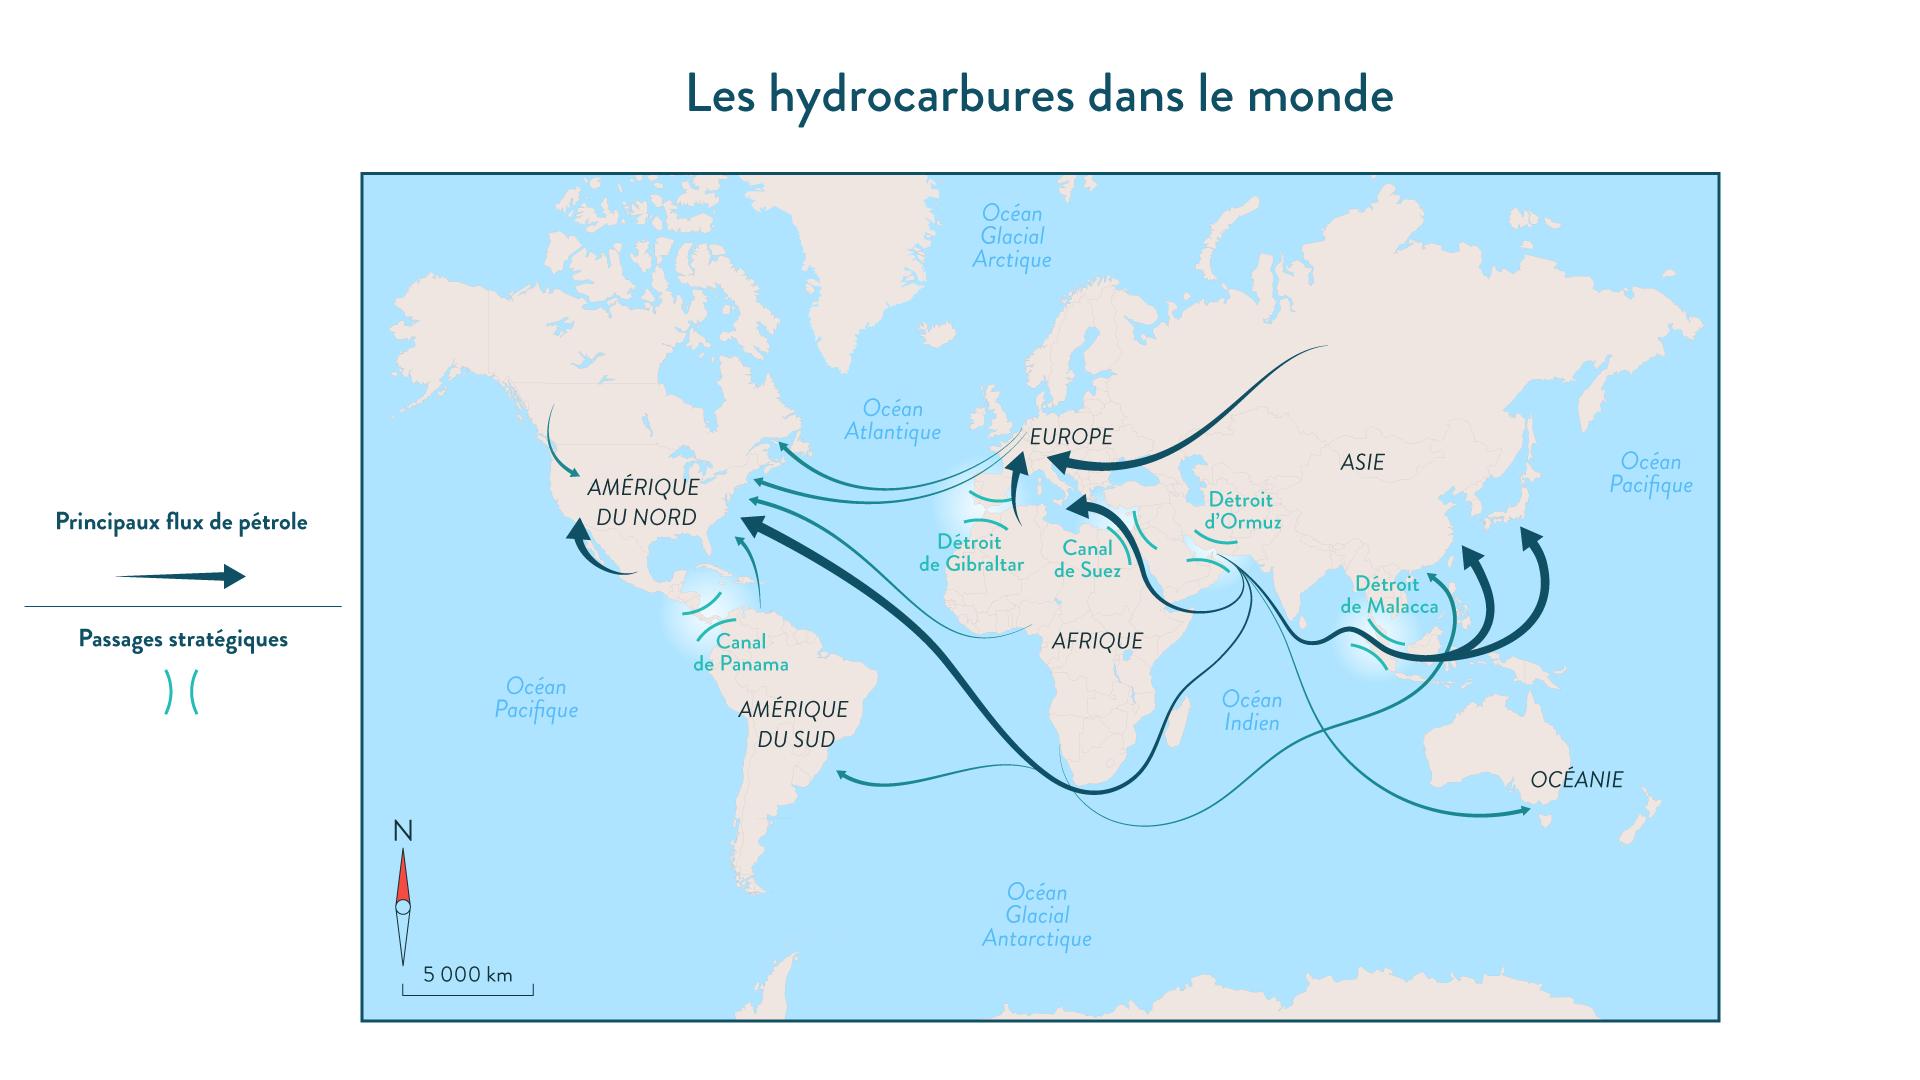 Les hydrocarbures dans le monde